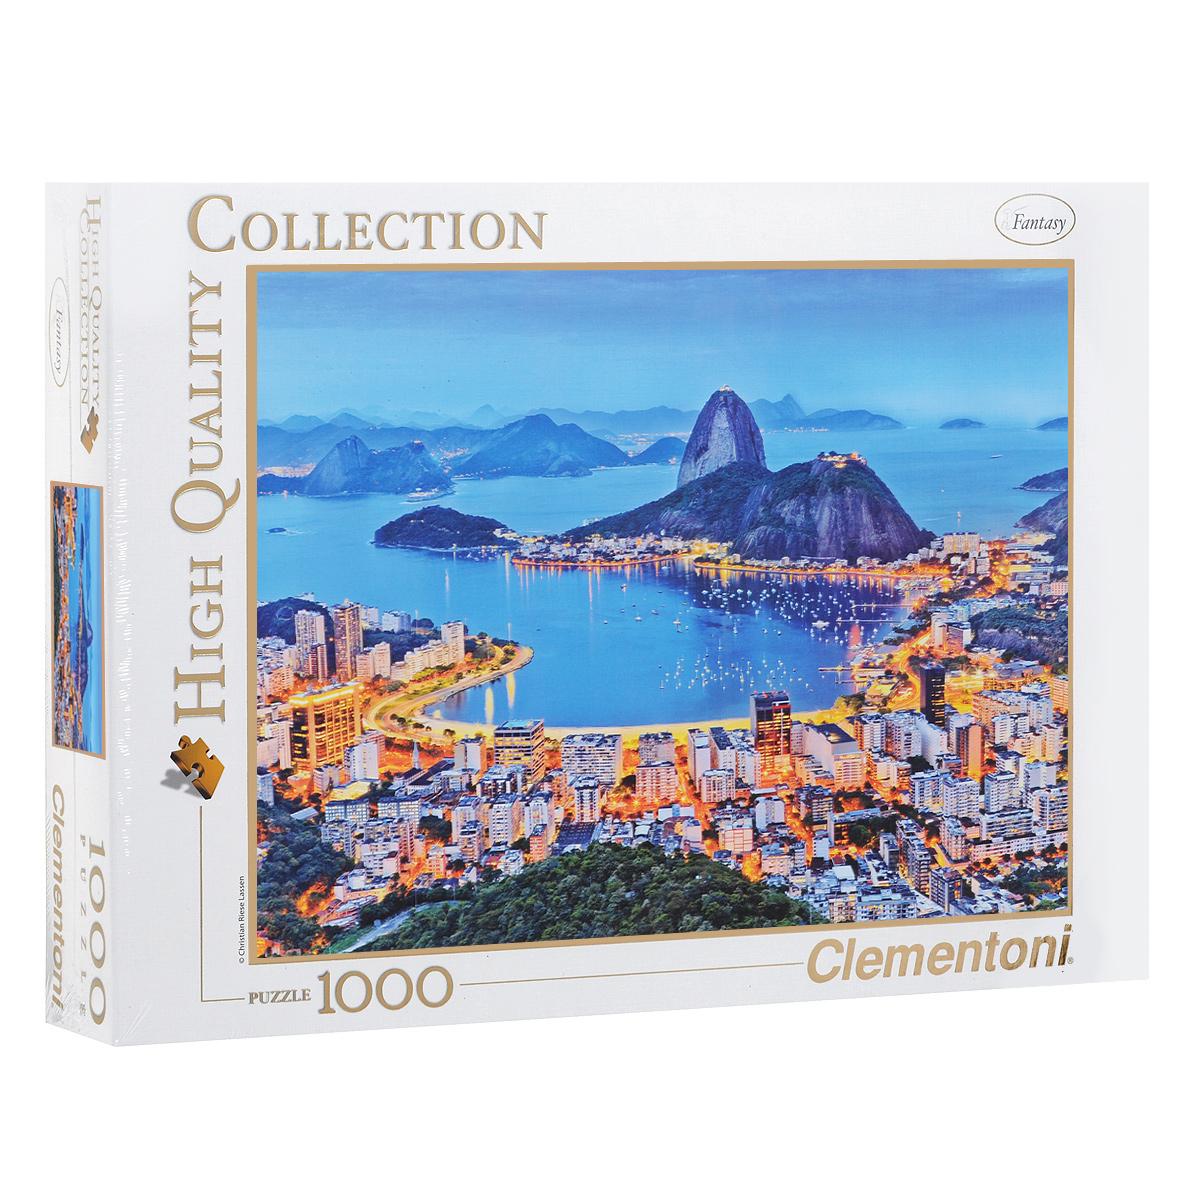 Рио-де-Жанейро. Пазл, 1000 элементов39258Пазл Clementoni Рио-де-Жанейро, без сомнения, придется по душе вам и вашему ребенку. Собрав этот пазл, включающий в себя 1000 элементов, вы получите цветной оригинальный постер с изображением знаменитого города. Рио-де-Жанейро или просто Рио - город в Бразилии, административный центр одноименного штата. Город расположен на берегу залива Гуанабара Атлантического океана, на узкой равнине, зажатой с двух сторон горами и морем. Пазлы - прекрасное антистрессовое средство для взрослых и замечательная развивающая игра для детей. Собирание пазла развивает у ребенка мелкую моторику рук, тренирует наблюдательность, логическое мышление, знакомит с окружающим миром, с цветом и разнообразными формами, учит усидчивости и терпению, аккуратности и вниманию. Собирание пазла - прекрасное времяпрепровождение для всей семьи.